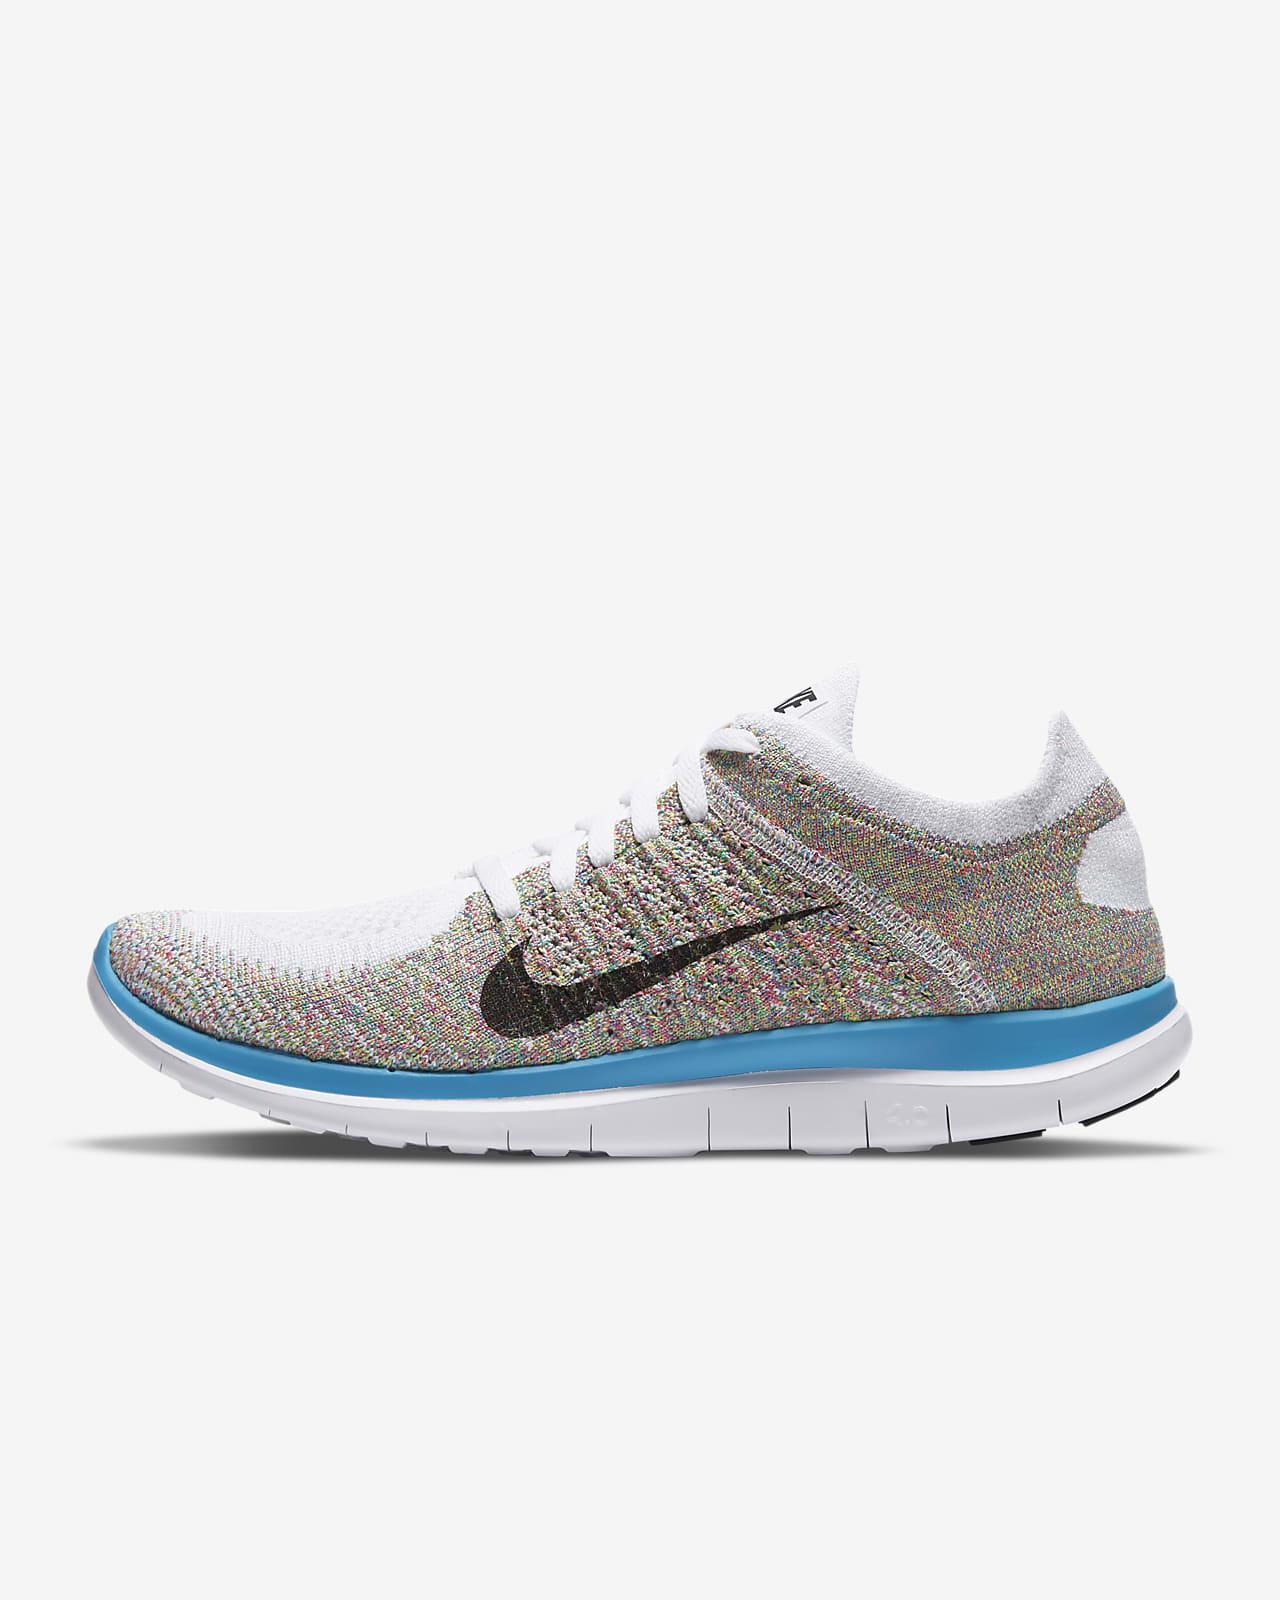 Nike Free 4.0 Flyknit 女子跑步鞋